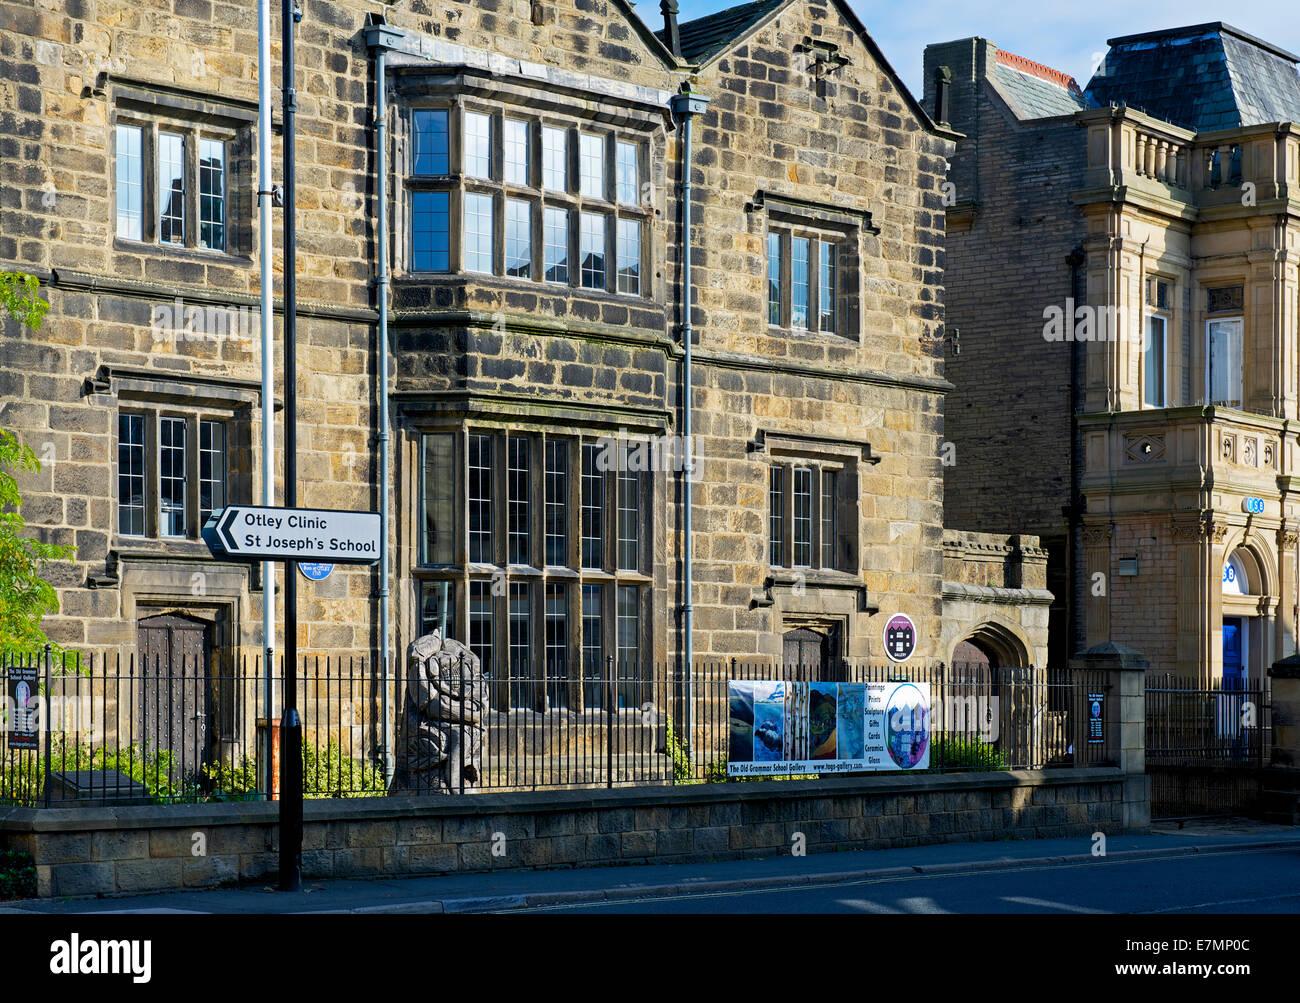 The Manor House, Otley, West Yorkshire, England UK - Stock Image